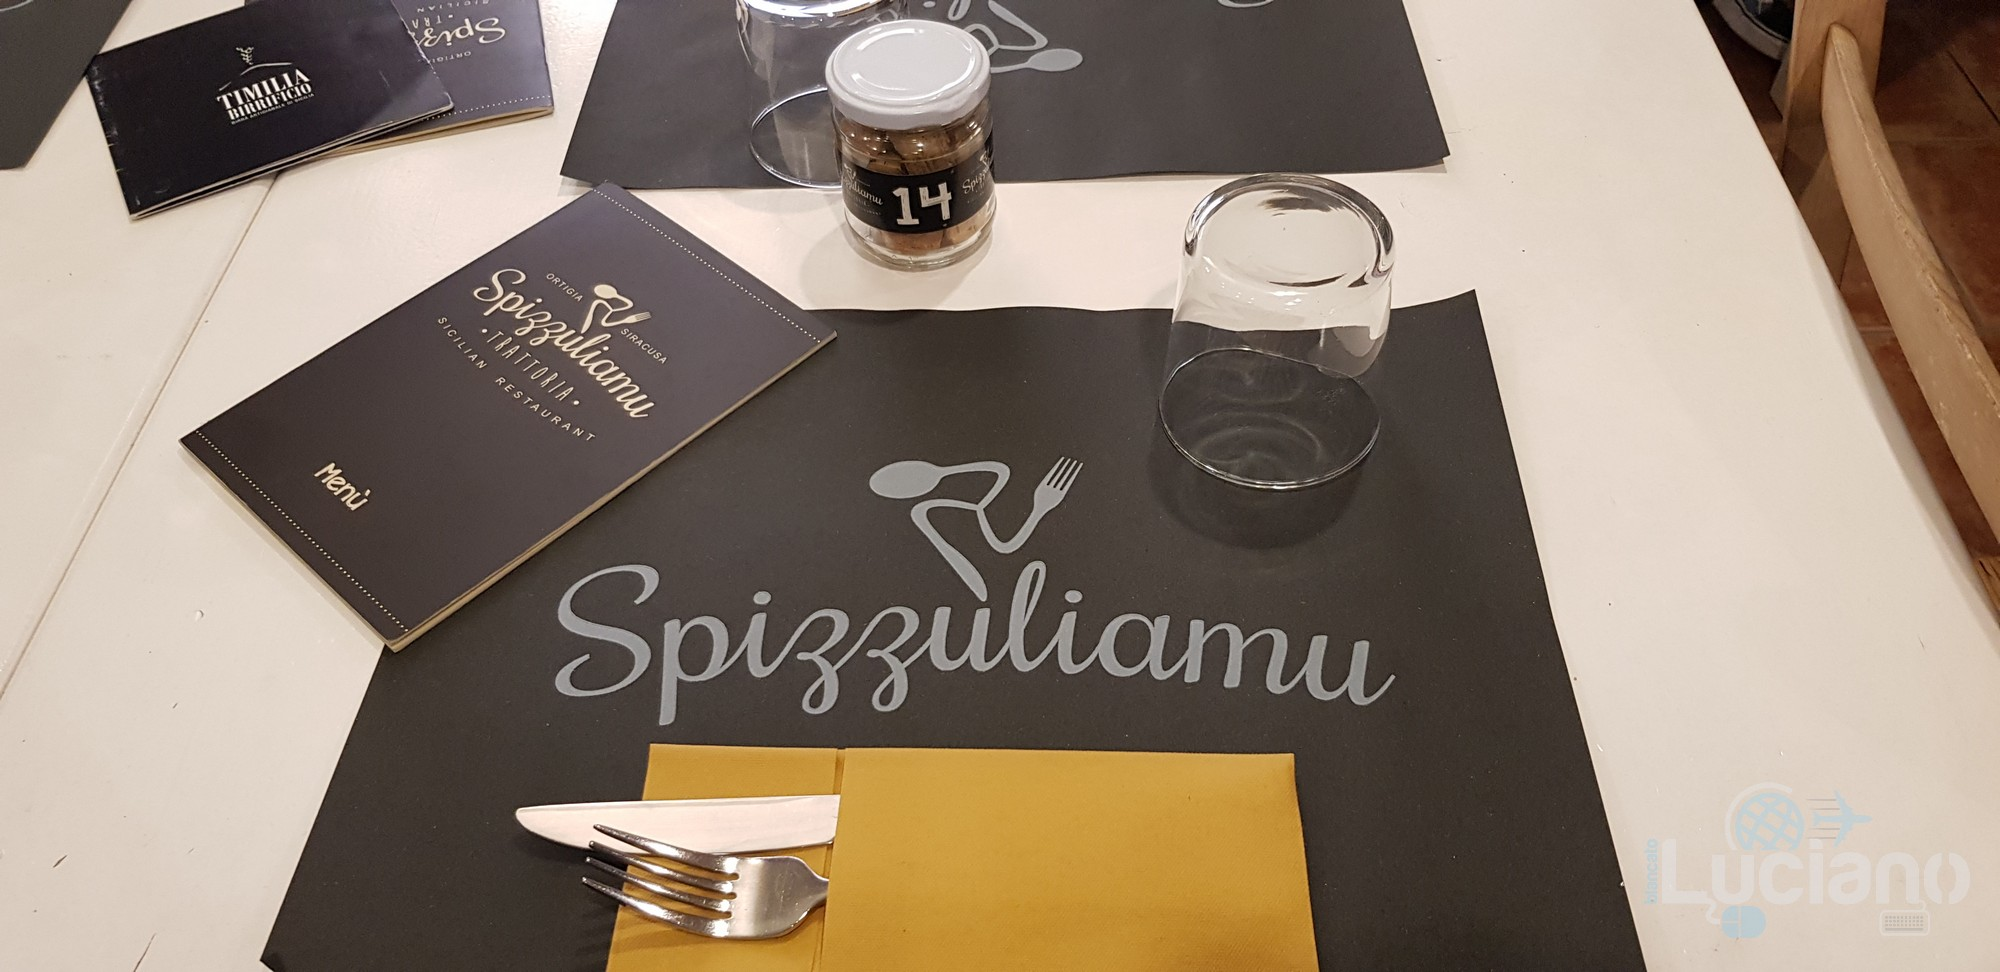 Siracusa - Spizzuliamu